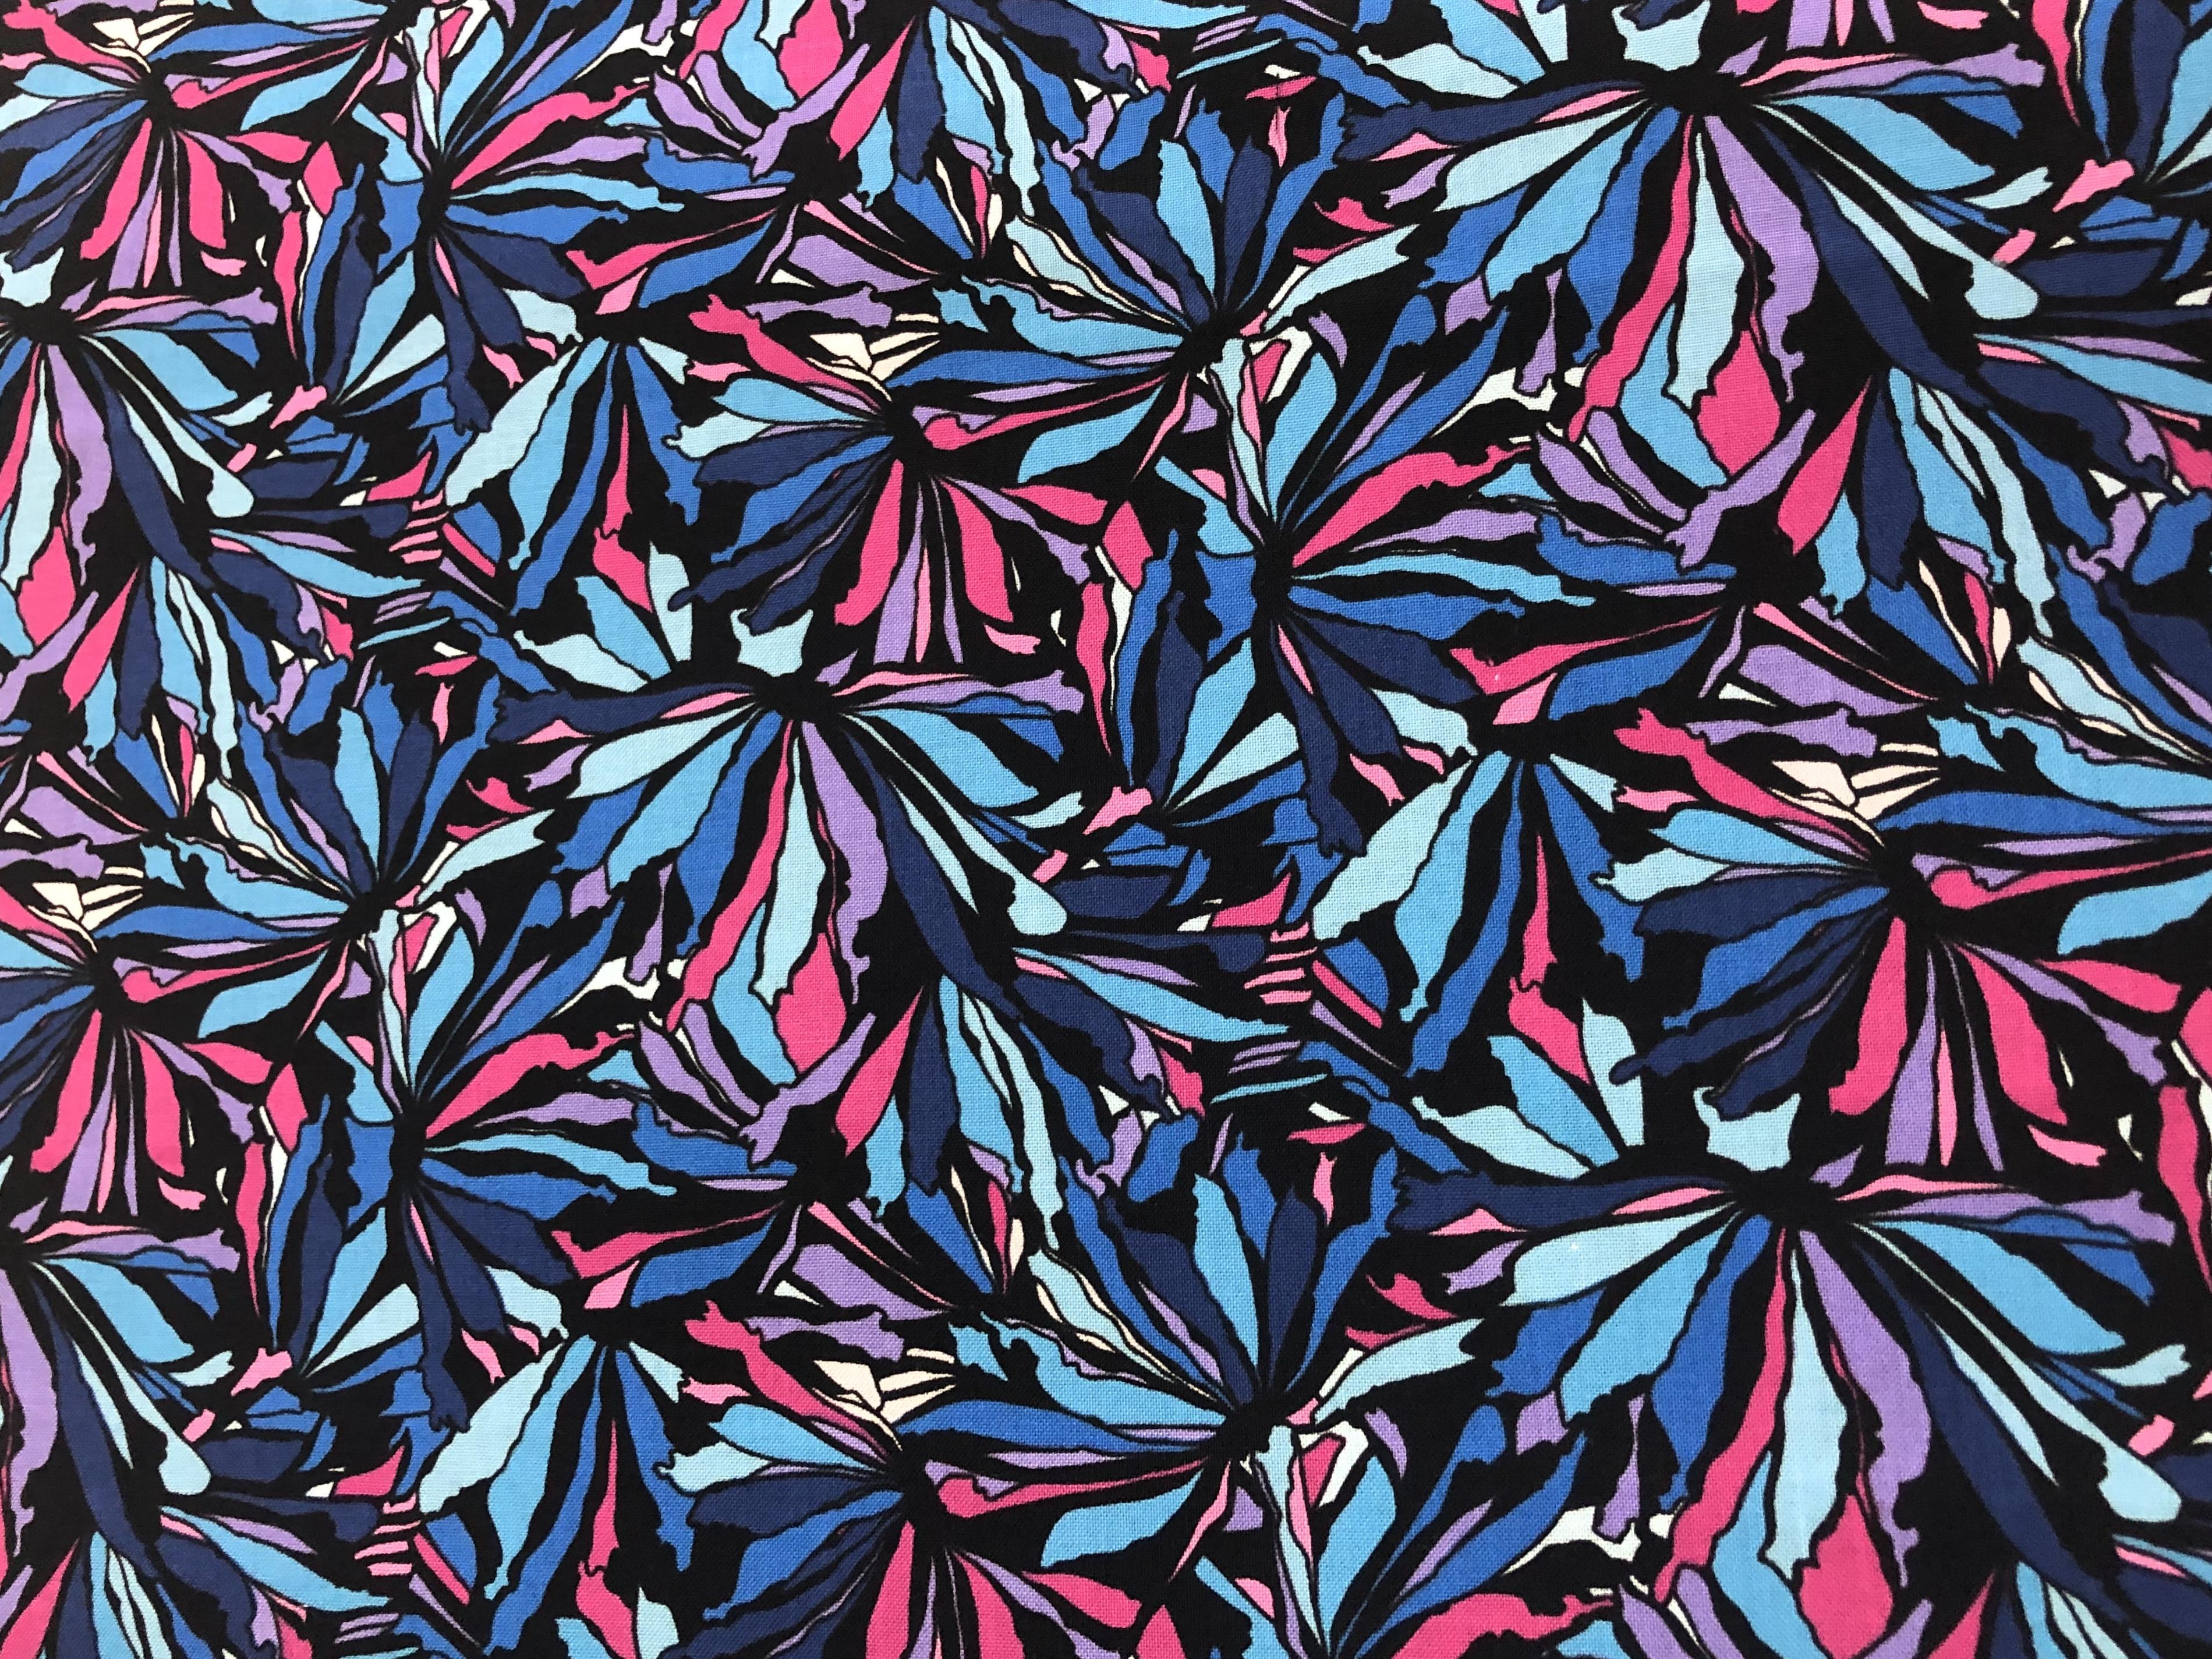 Midnight Poppies - Bernatex - 1/2m cut 56335